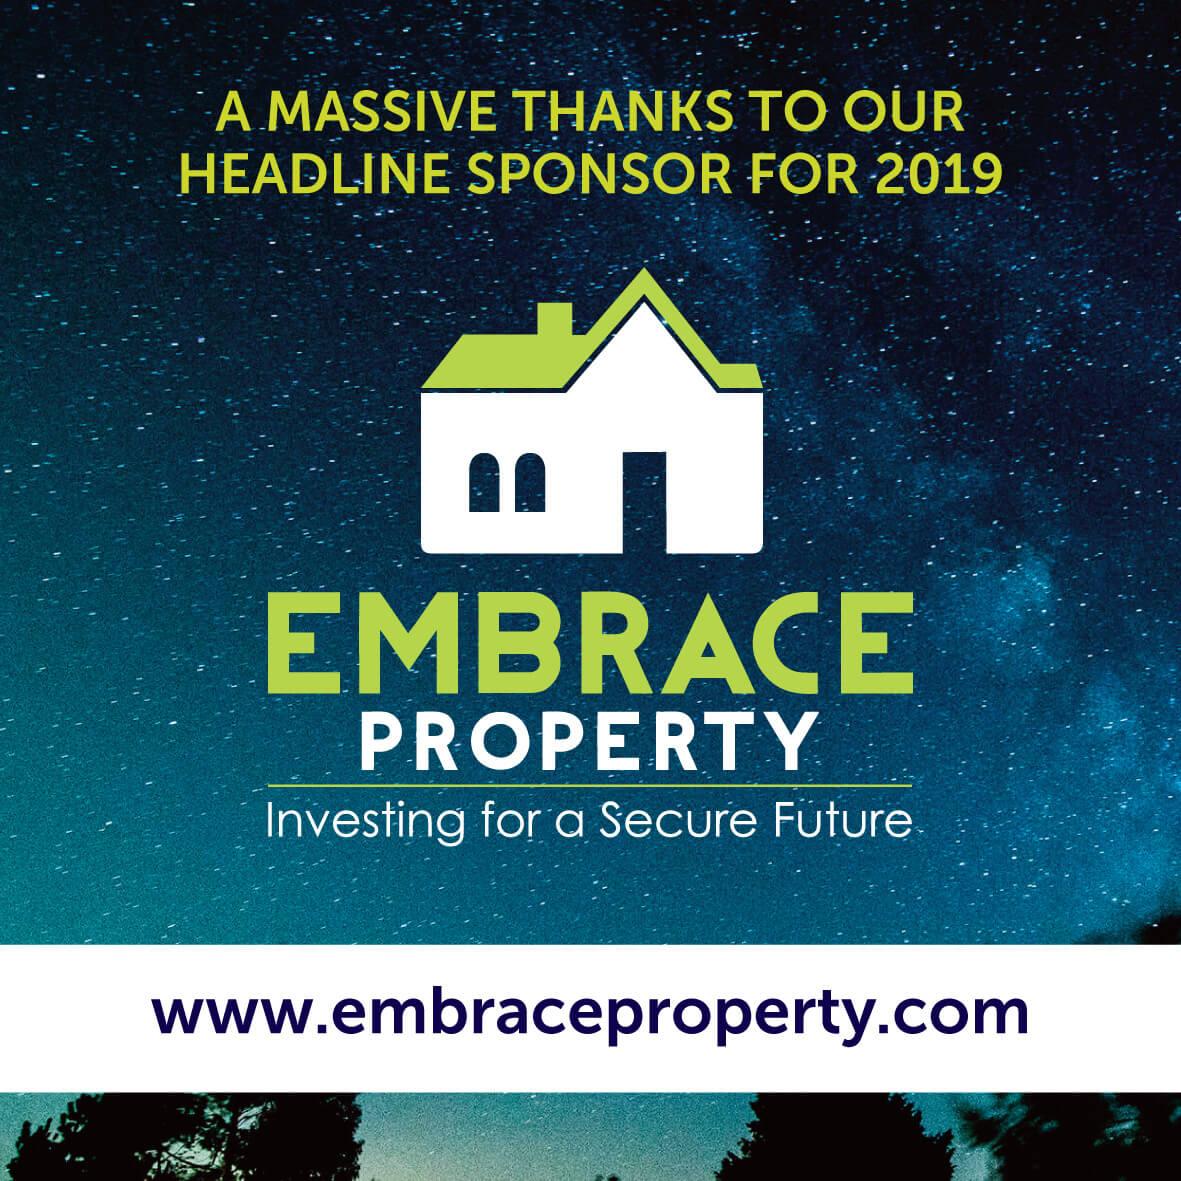 Embrace Property.jpg